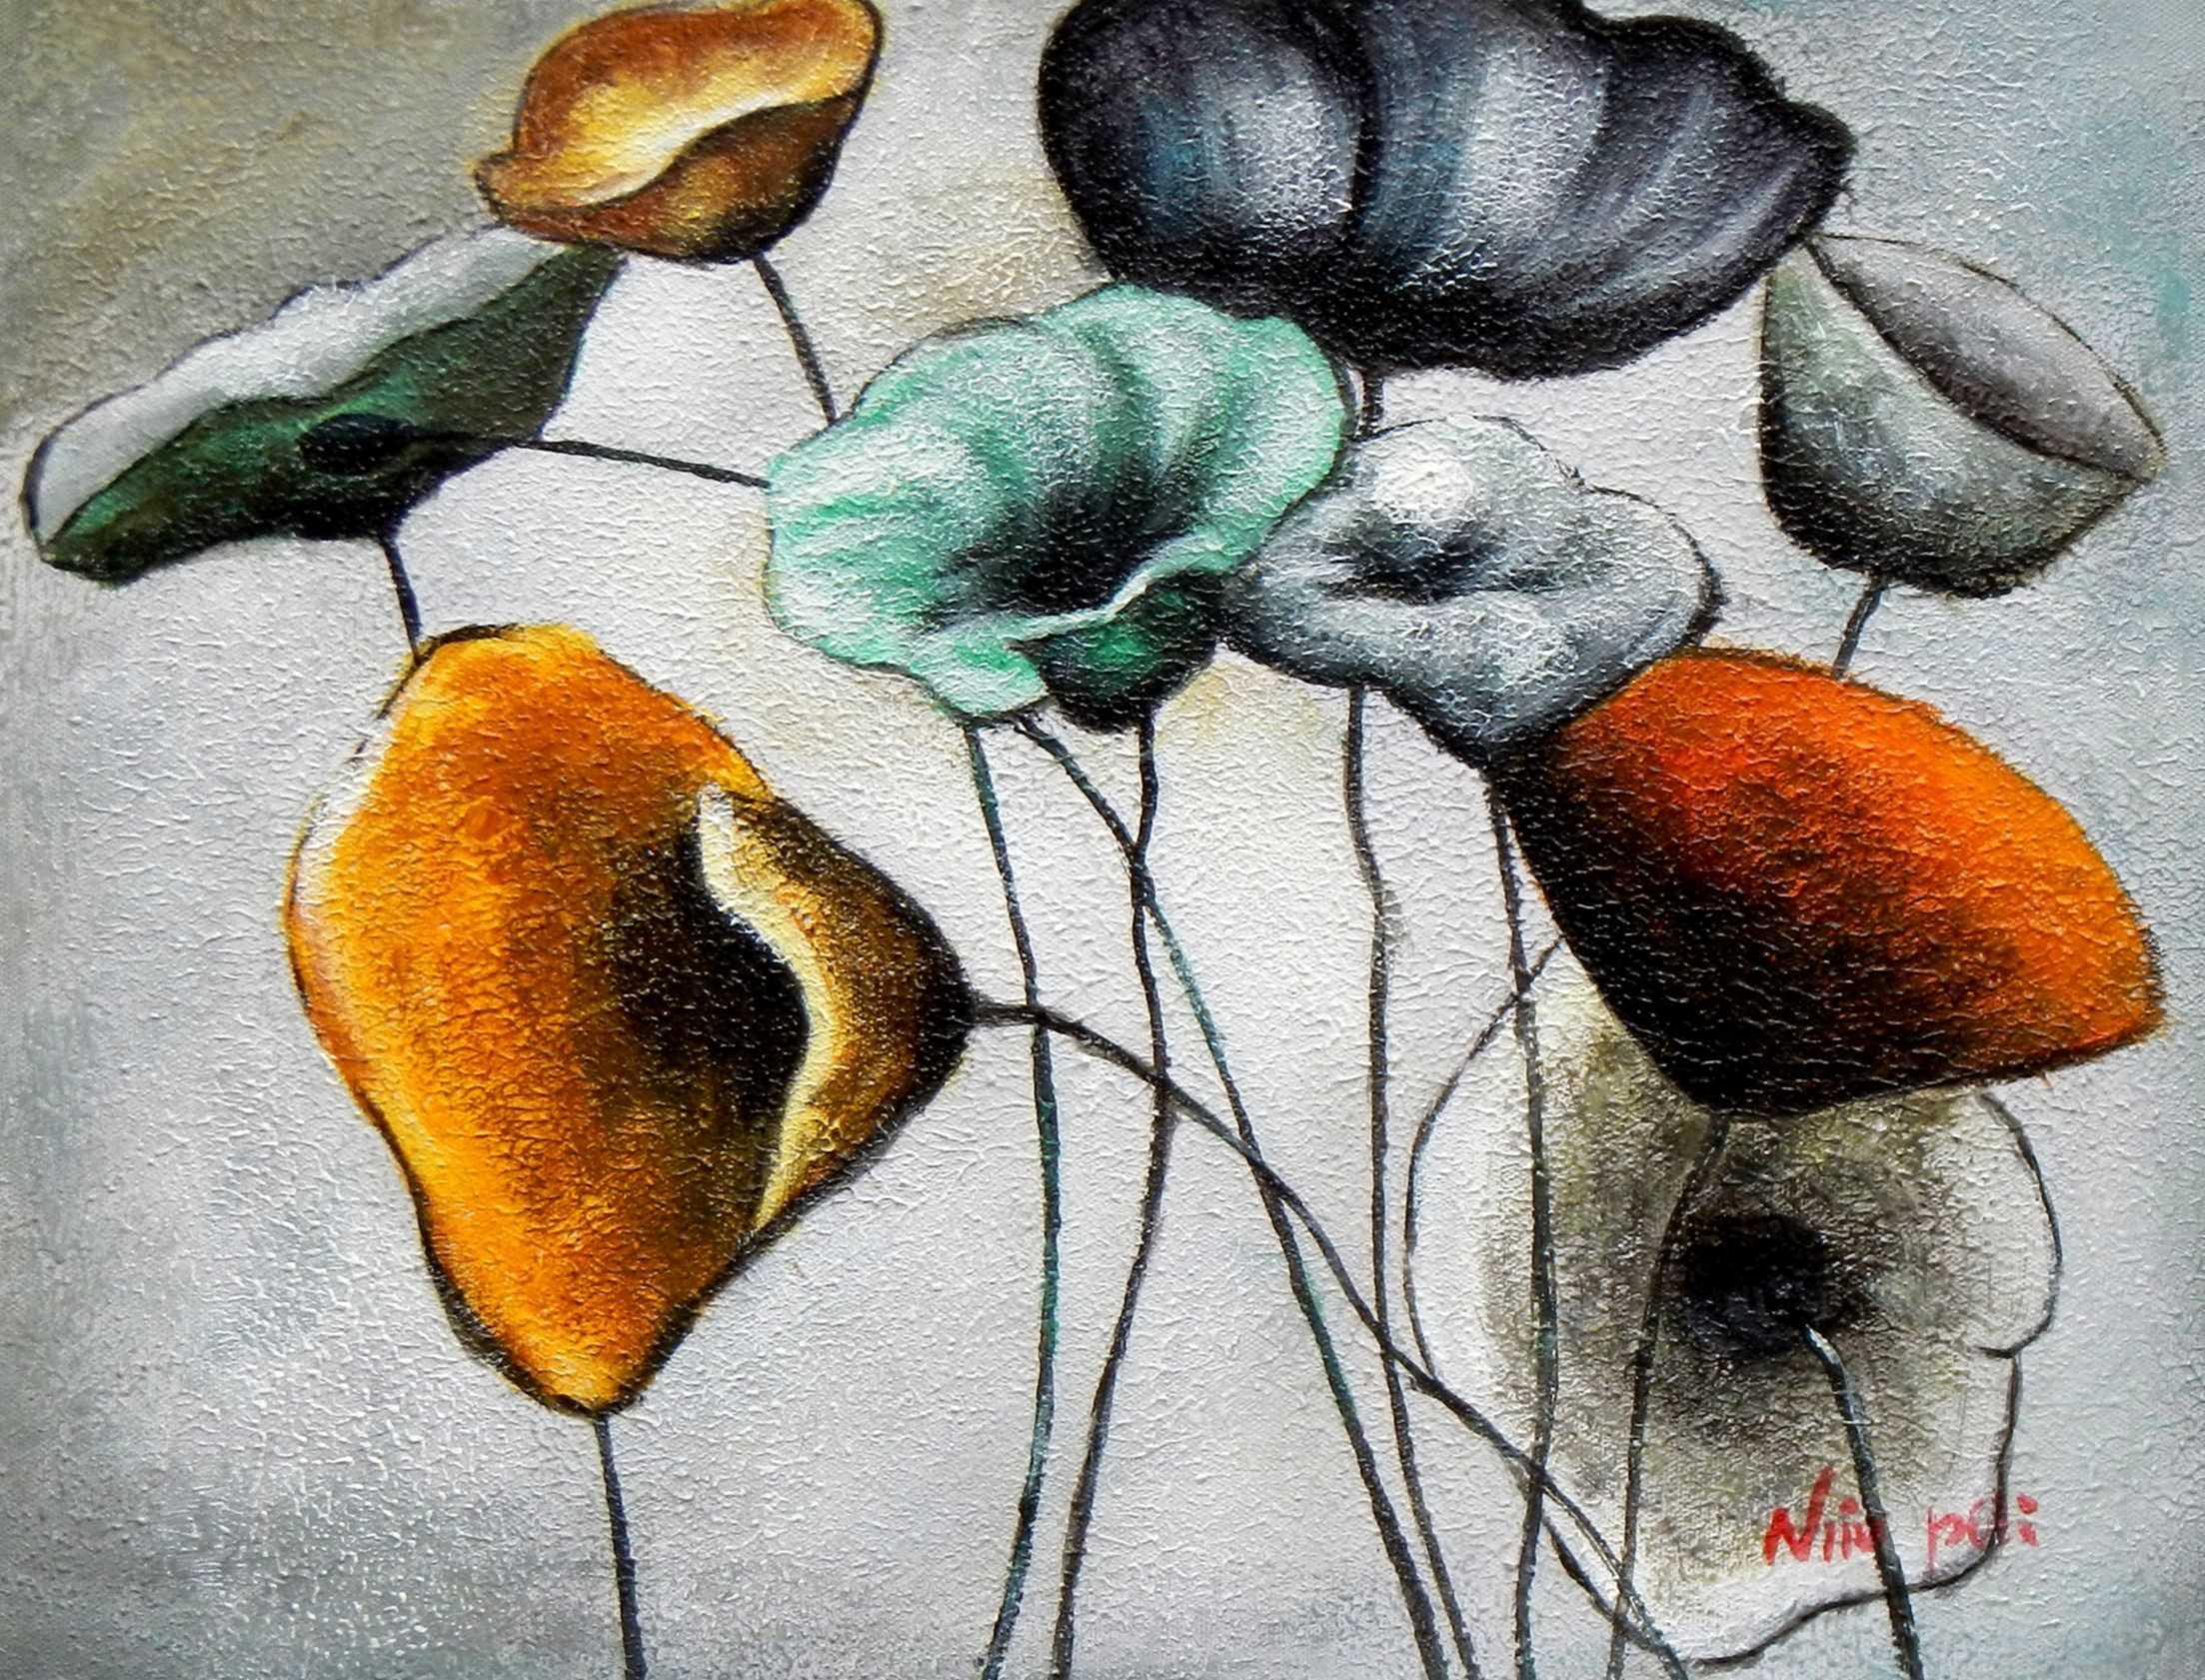 Abstrakt Modern Art - Der Blumentanz a95727 30x40cm Ölgemälde handgemalt